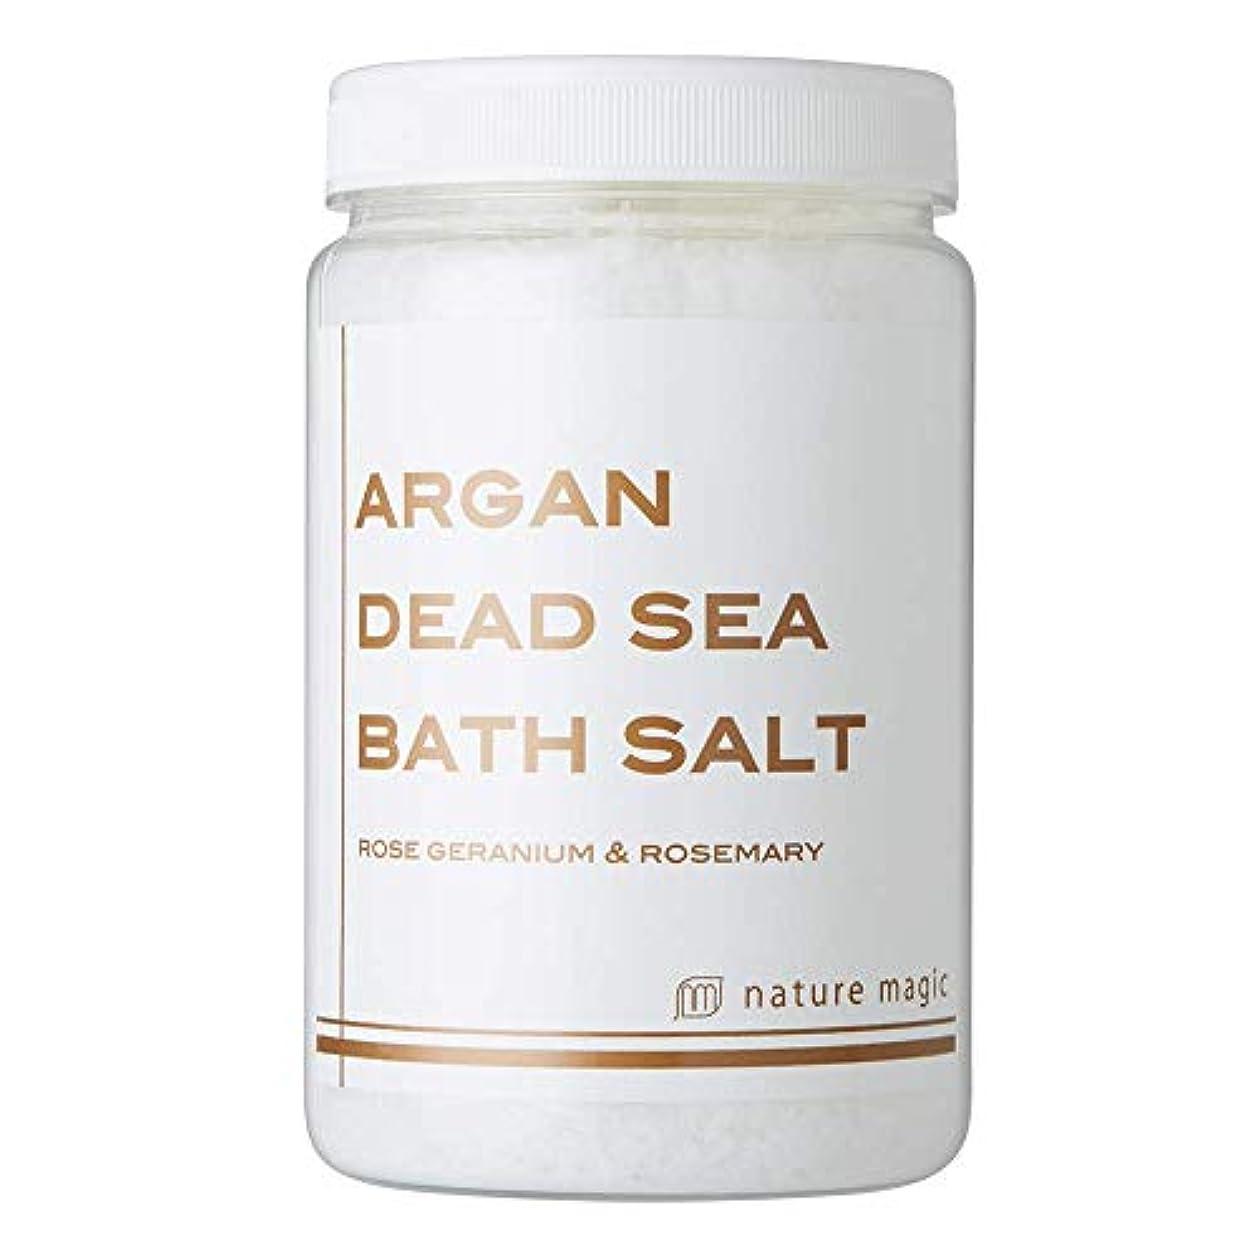 望み狂う集団的【死海の天然塩にアルガンオイルを配合した全身ポカポカ、お肌つるつる入浴剤】アルガンデッドシーバスソルト